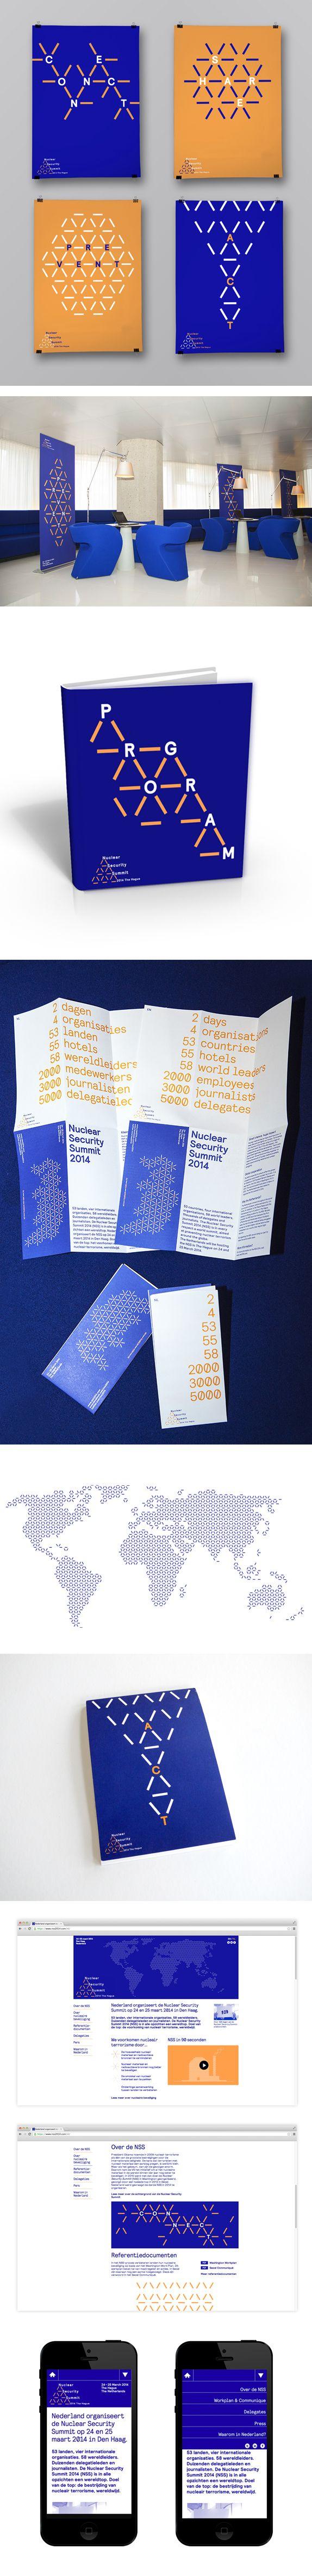 Identity for The Nuclear Security Summit 2014 designed by Lava. Het huidige ontwerp ontstond na het bestuderen van de schematische weergaven van atomen. Er werd een grid gecreëerd dat naar atoomverbindingen refereert en waar op een subtiele wijze het nucleaire icoon in verwerkt is.